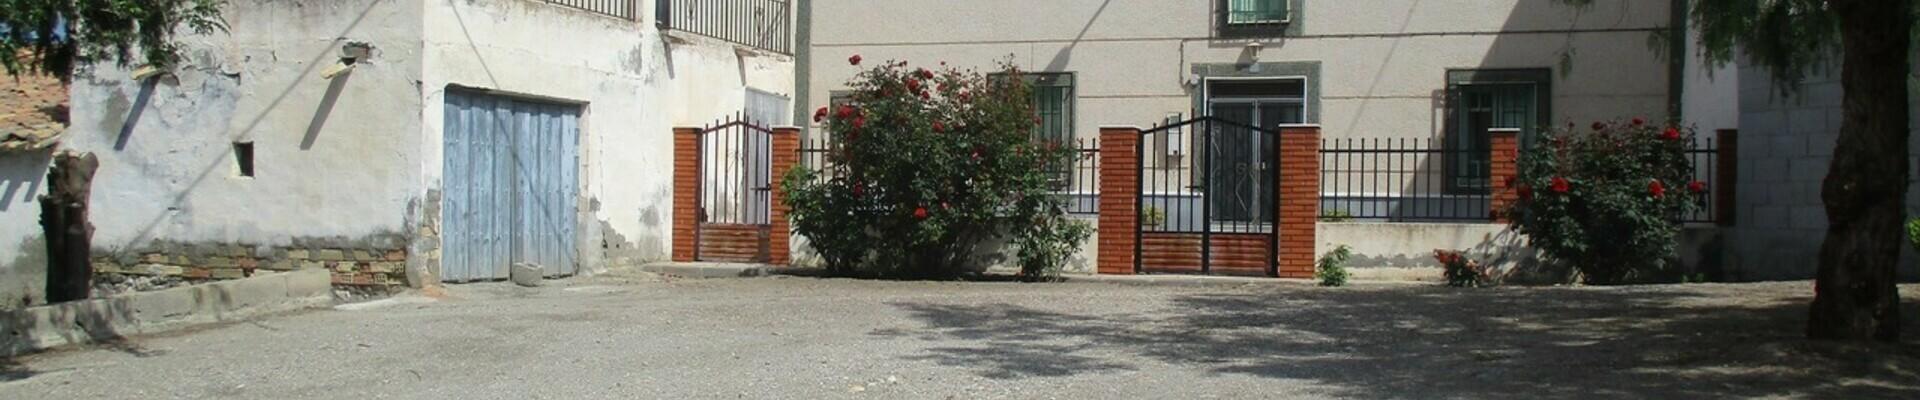 AF643: 4 Bedroom Cortijo for Sale